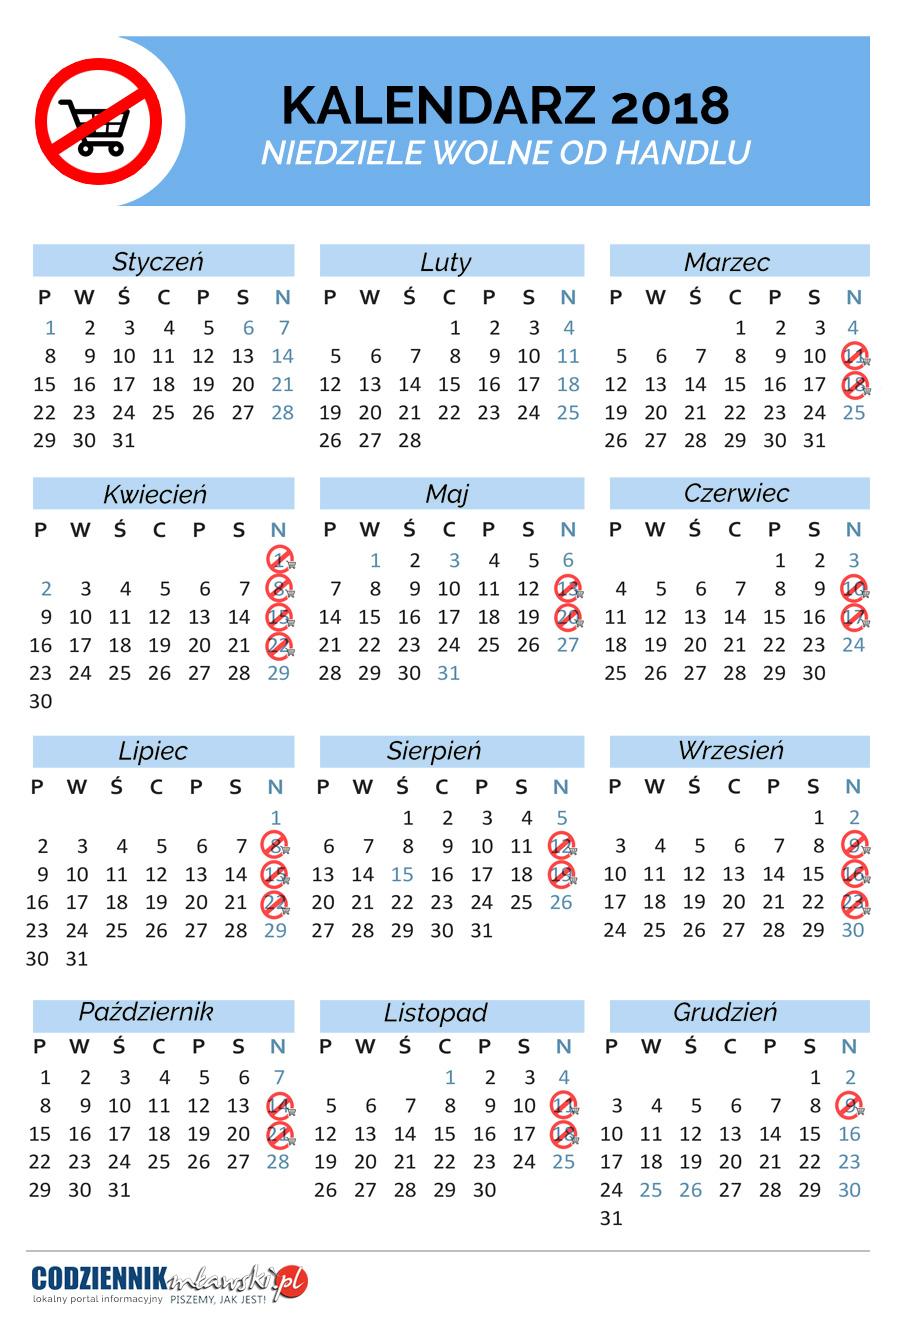 kalendarz wolnych niedziel kalendarz 2018 niedziele wolne od handlu zakaz handlu w niedziele zakupy handel w niedziele